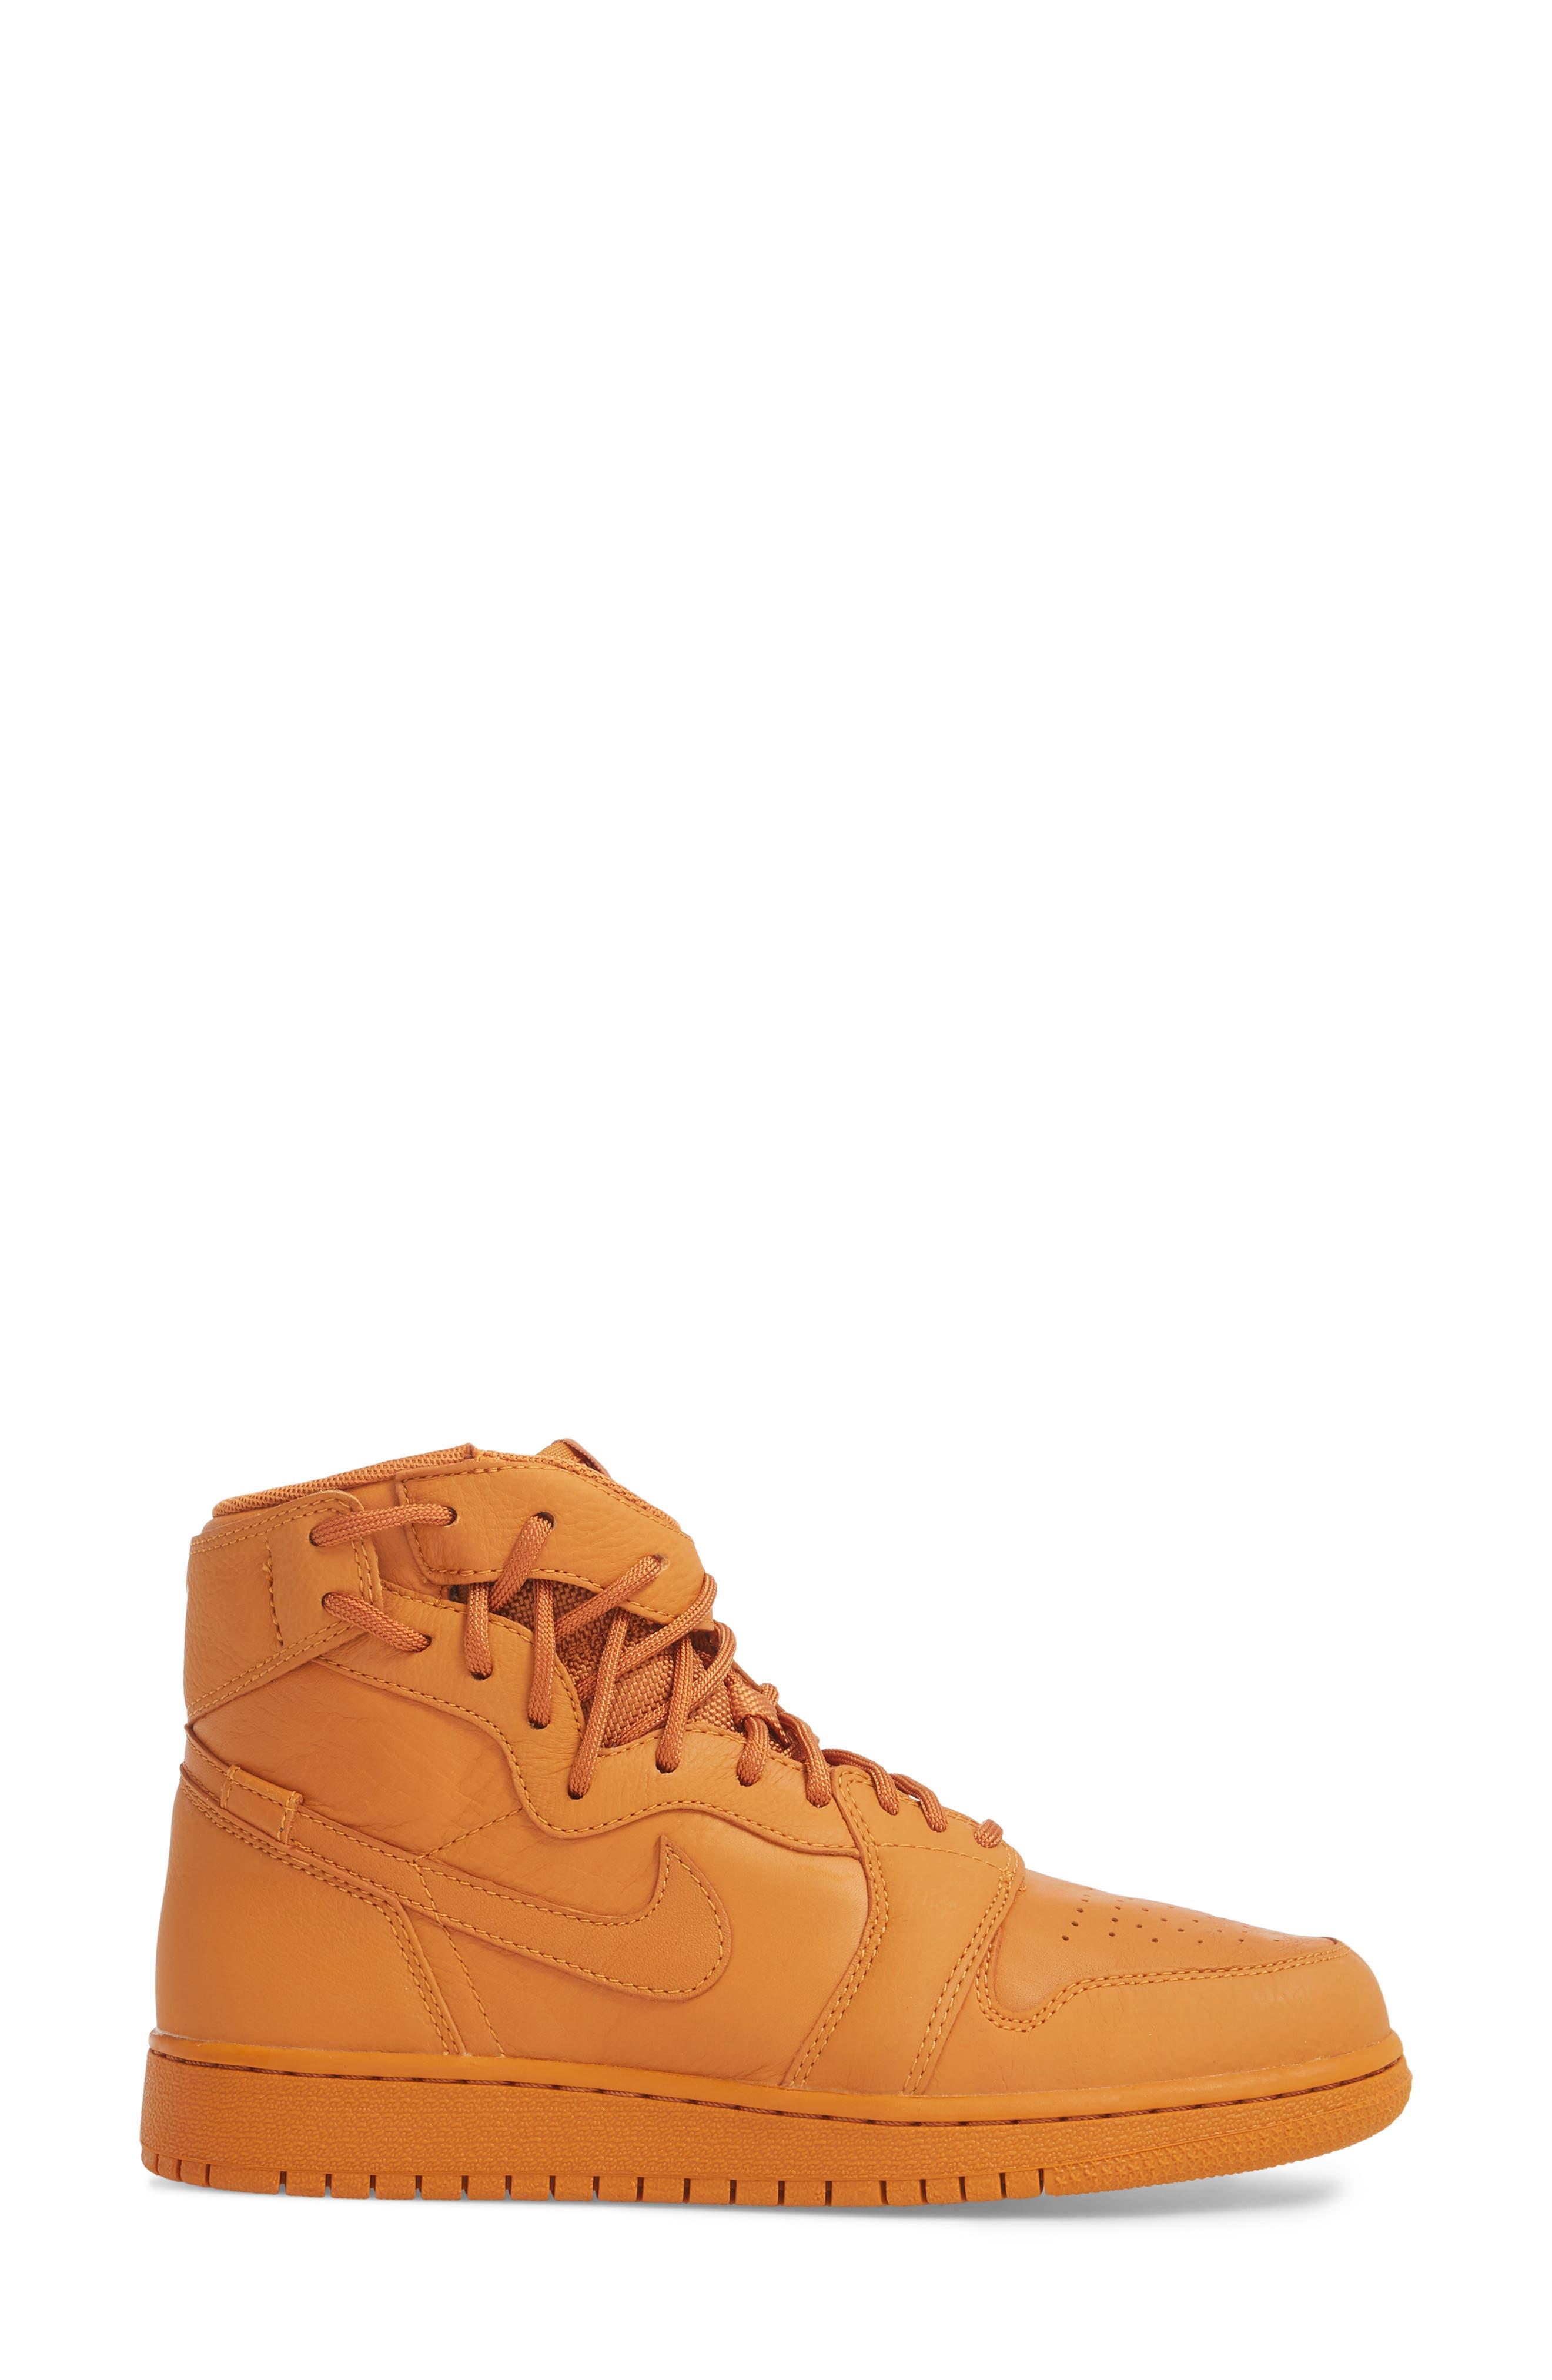 Air Jordan 1 Rebel XX High Top Sneaker,                             Alternate thumbnail 6, color,